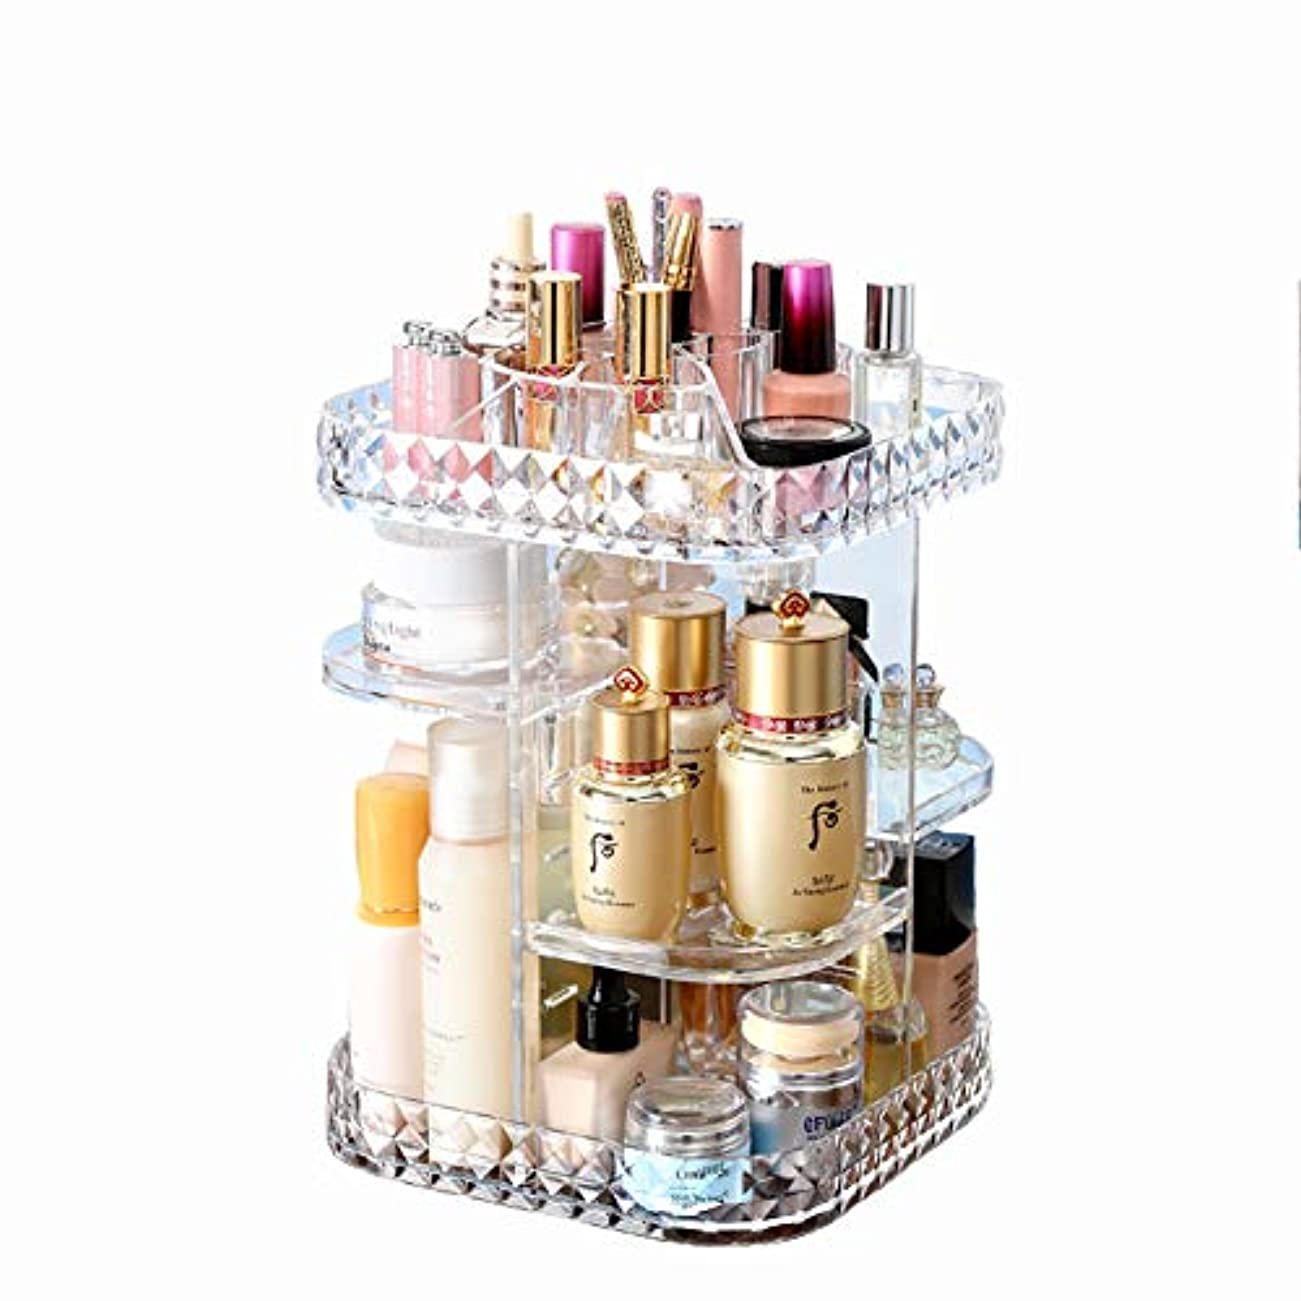 うま感謝する反毒化粧品収納ボックス 360℃回転式 高さ調節可能 高品質 超大容量メイクタワー 透明アクリル製 ダイヤモンドパターン